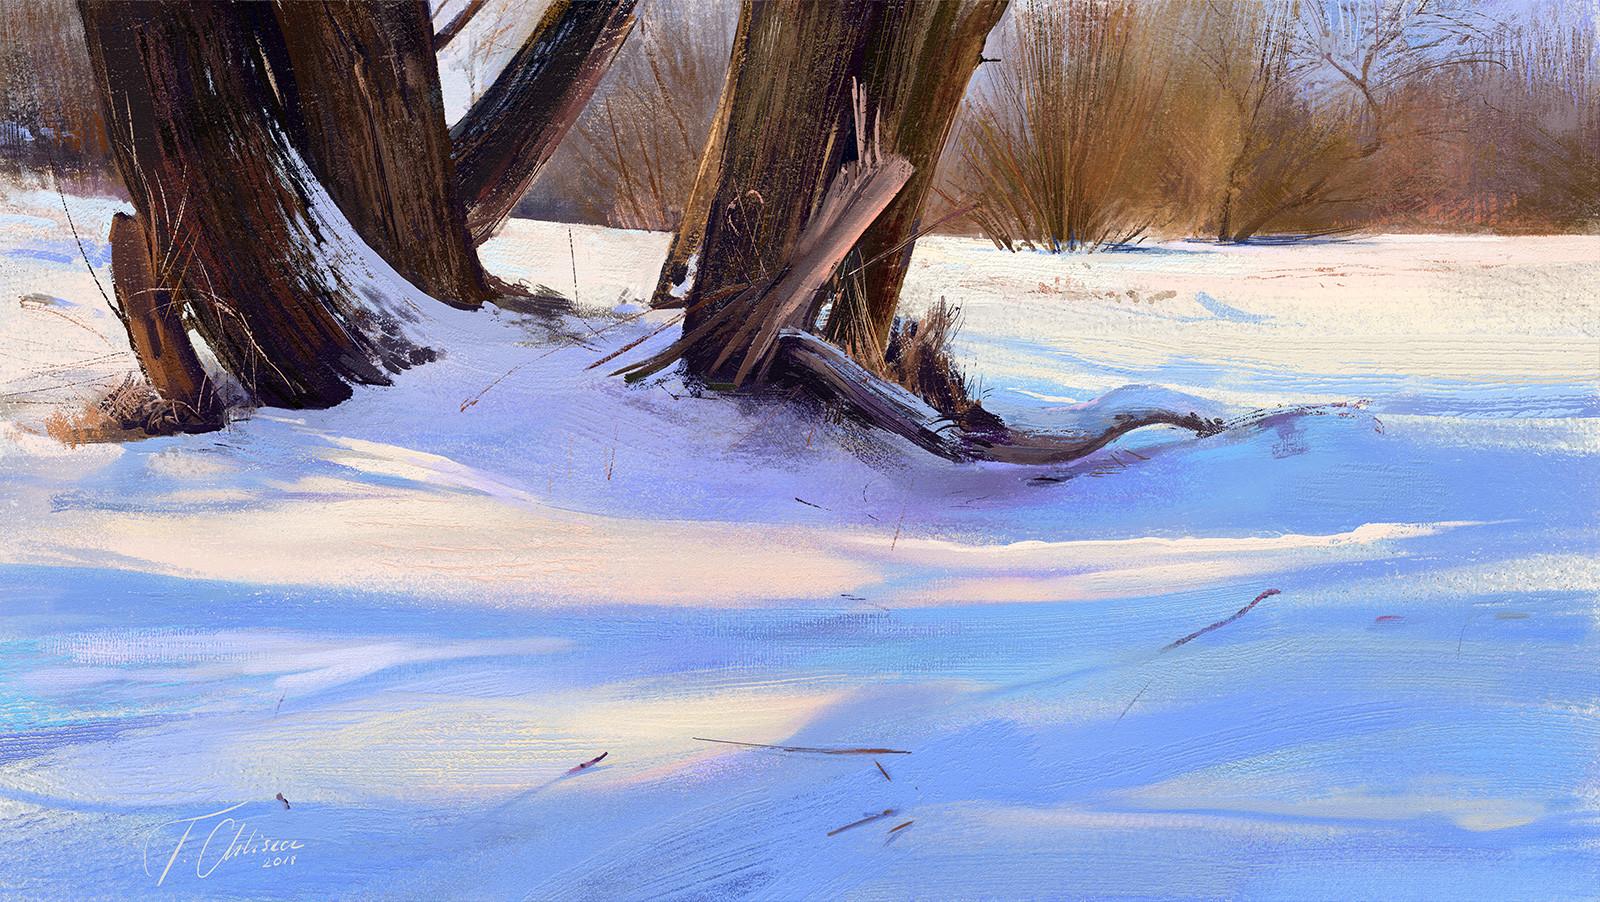 Tymoteusz chliszcz landscape102 by chliszcz